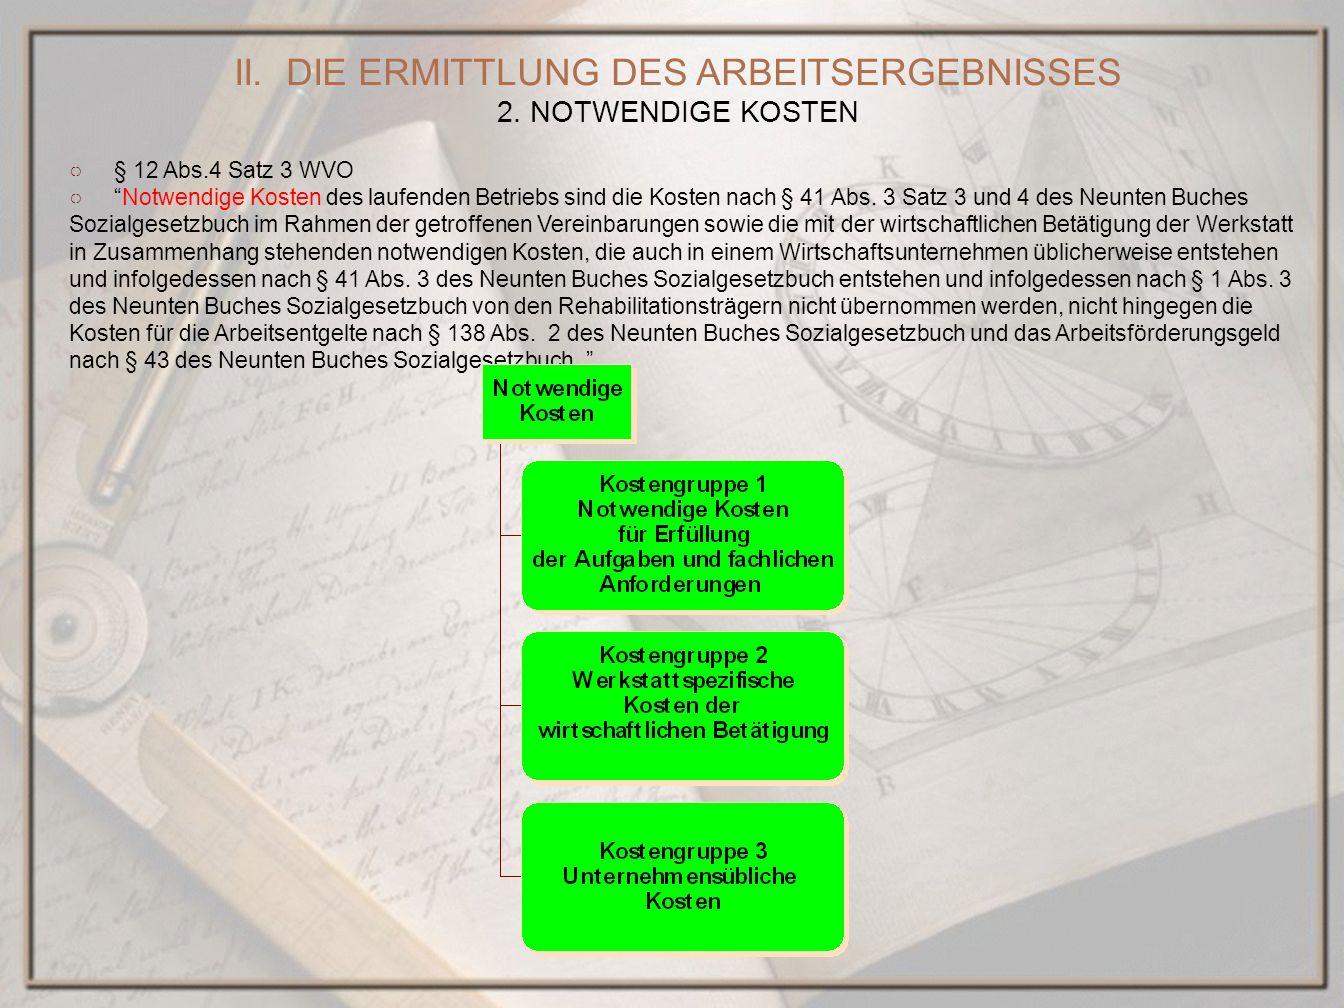 § 12 Abs.4 Satz 3 WVO Notwendige Kosten des laufenden Betriebs sind die Kosten nach § 41 Abs. 3 Satz 3 und 4 des Neunten Buches Sozialgesetzbuch im Ra